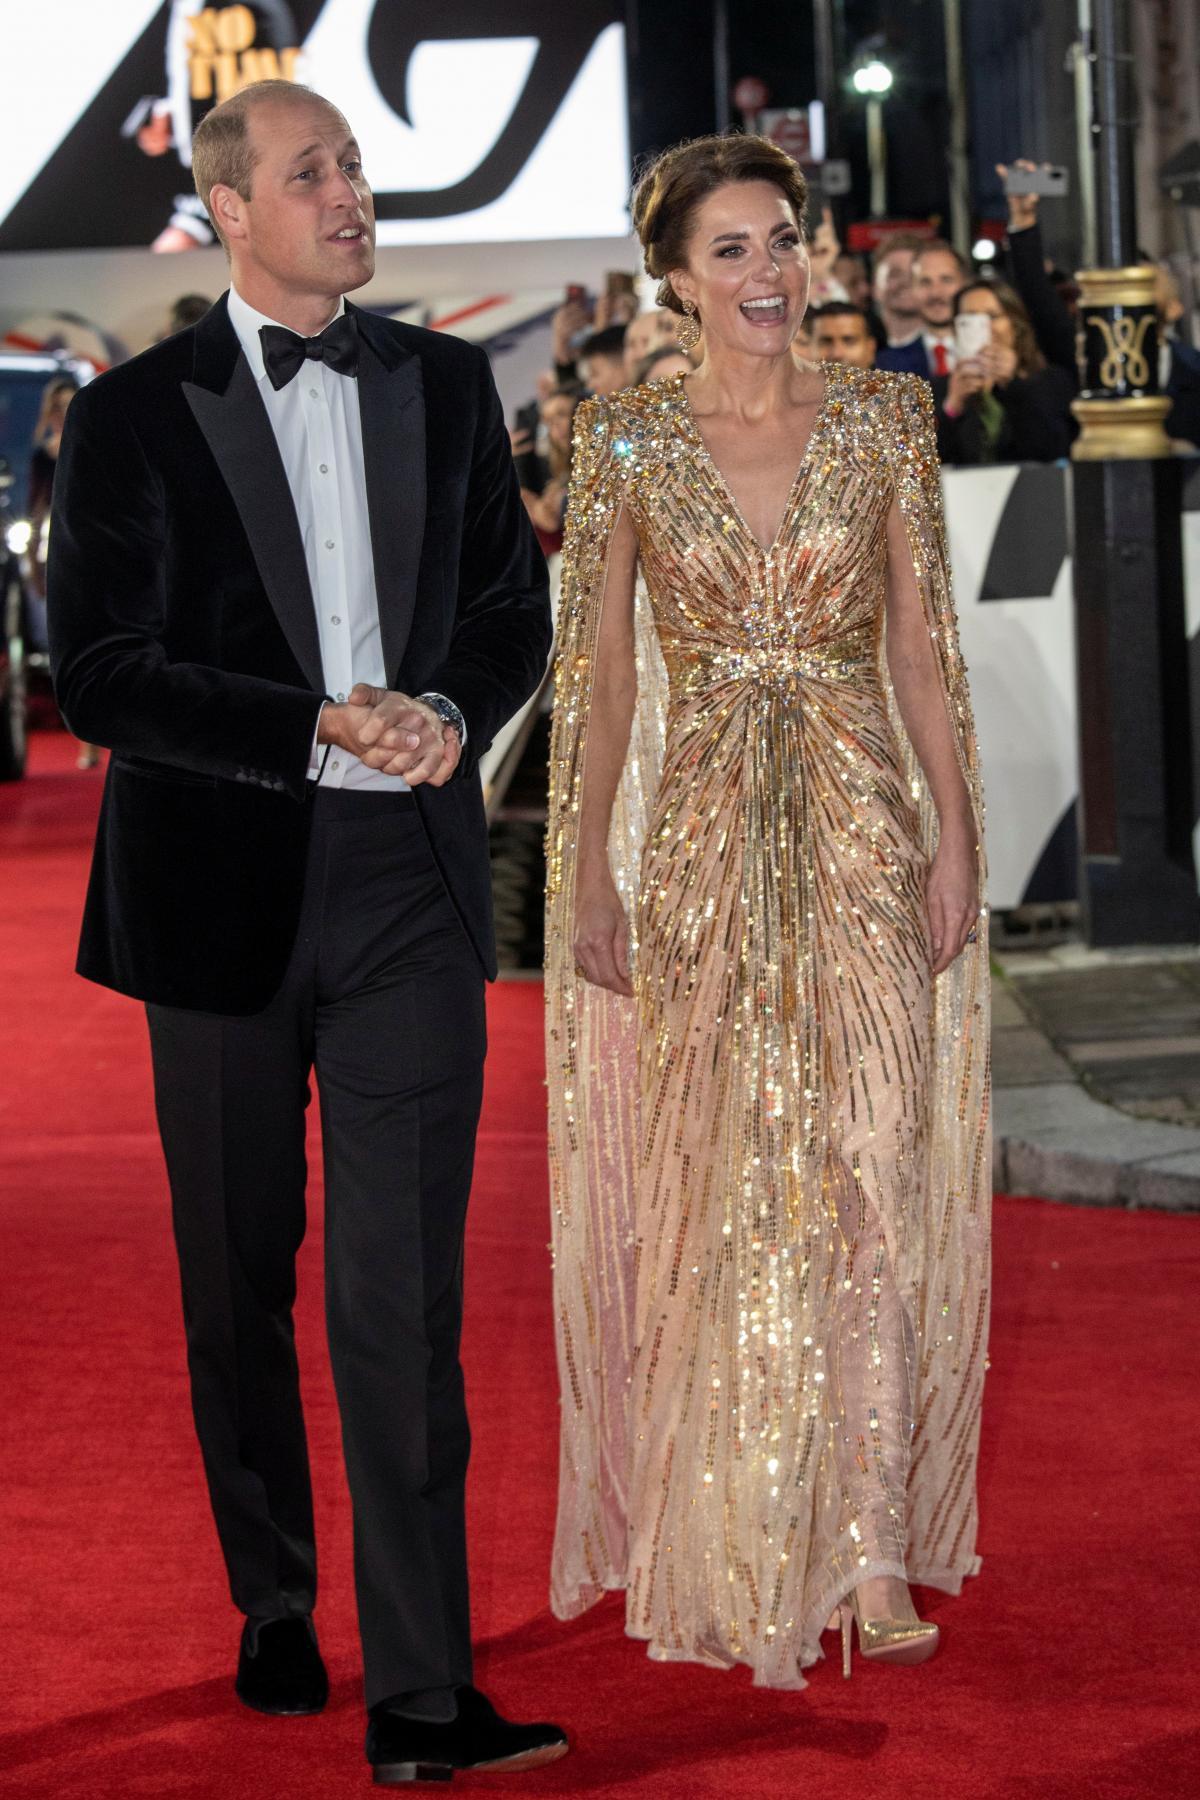 Кейт Миддлтон пришла намировую премьеру «Бонда» вроскошном золотом платье / фото REUTERS